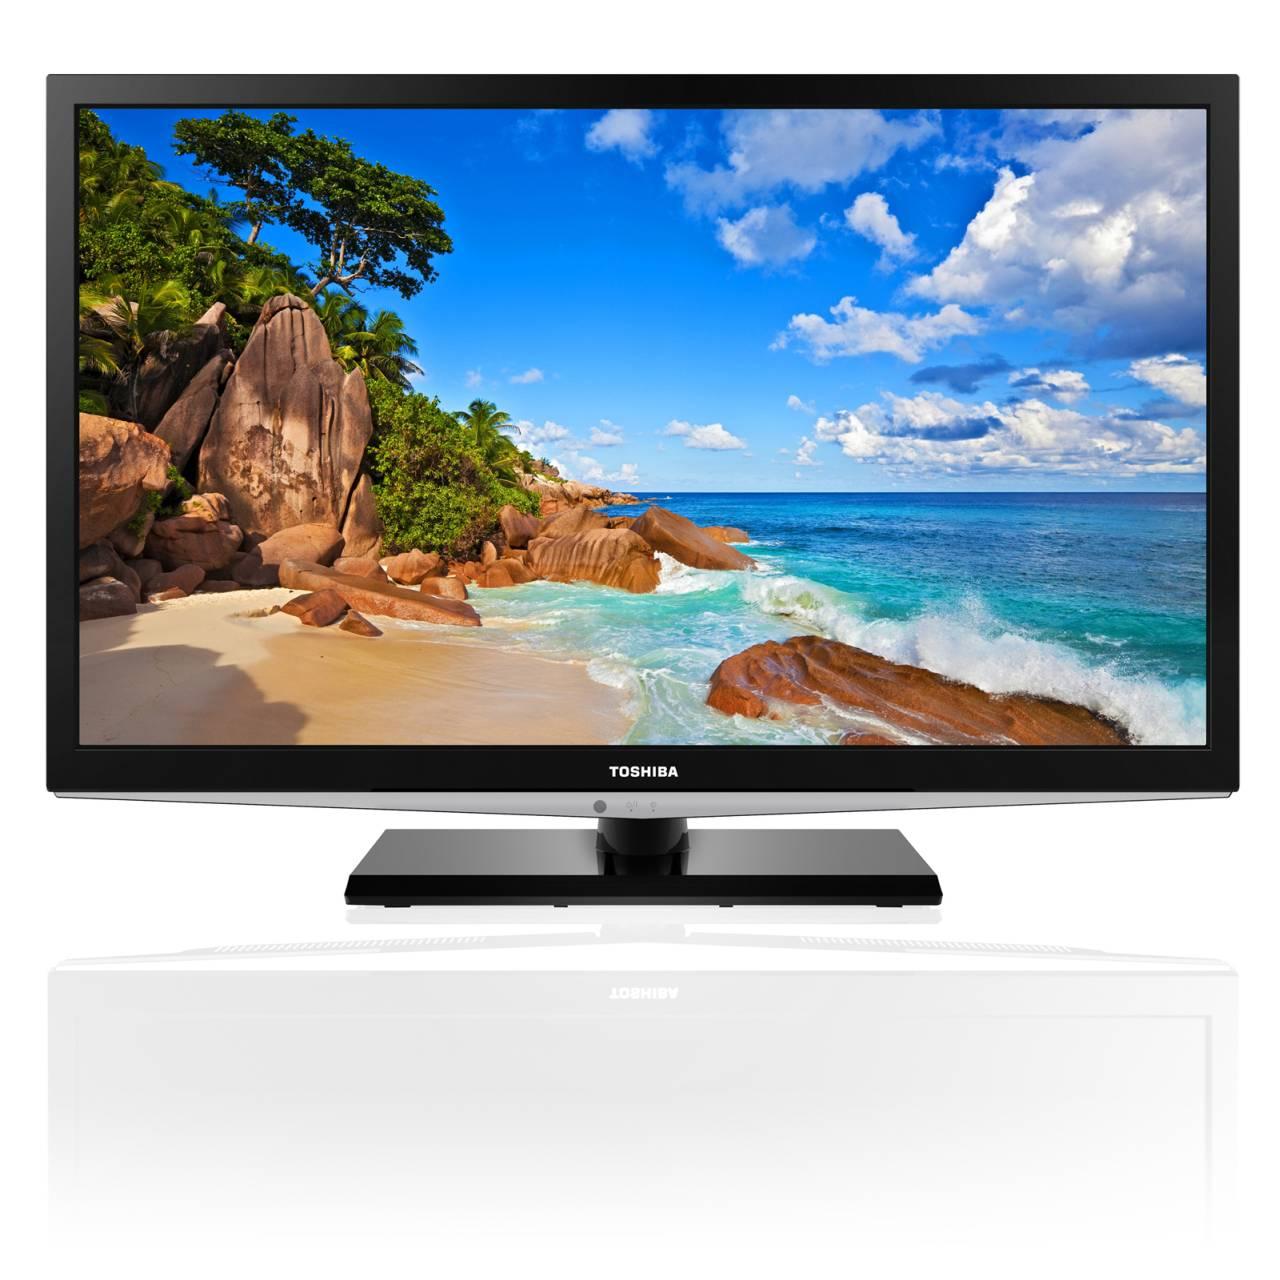 ... tv dipengaruhi oleh 3 tiga hal yaitu lokasi kualitas tuner tv serta